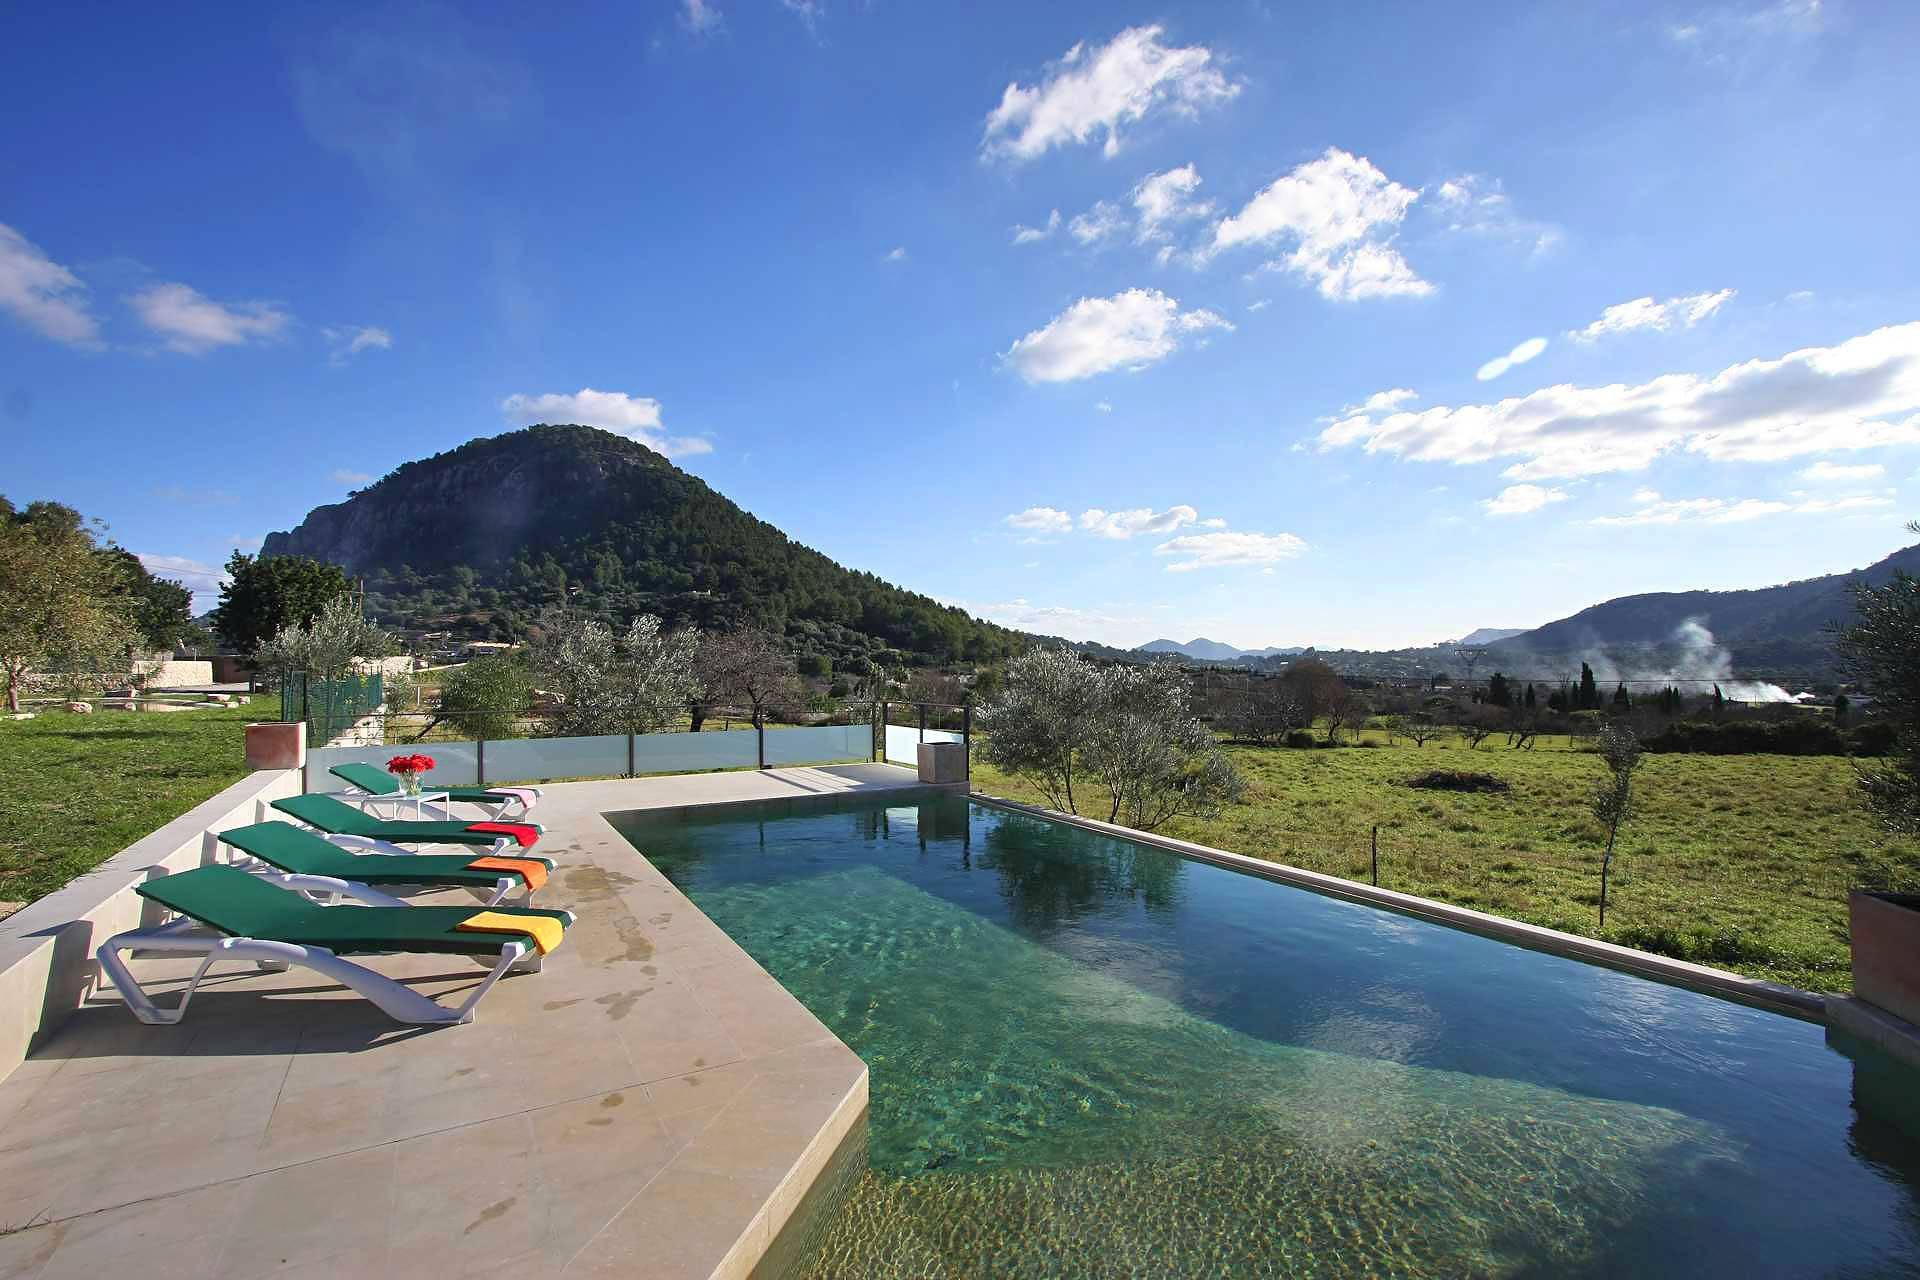 01-36 classic Villa Mallorca north Bild 6